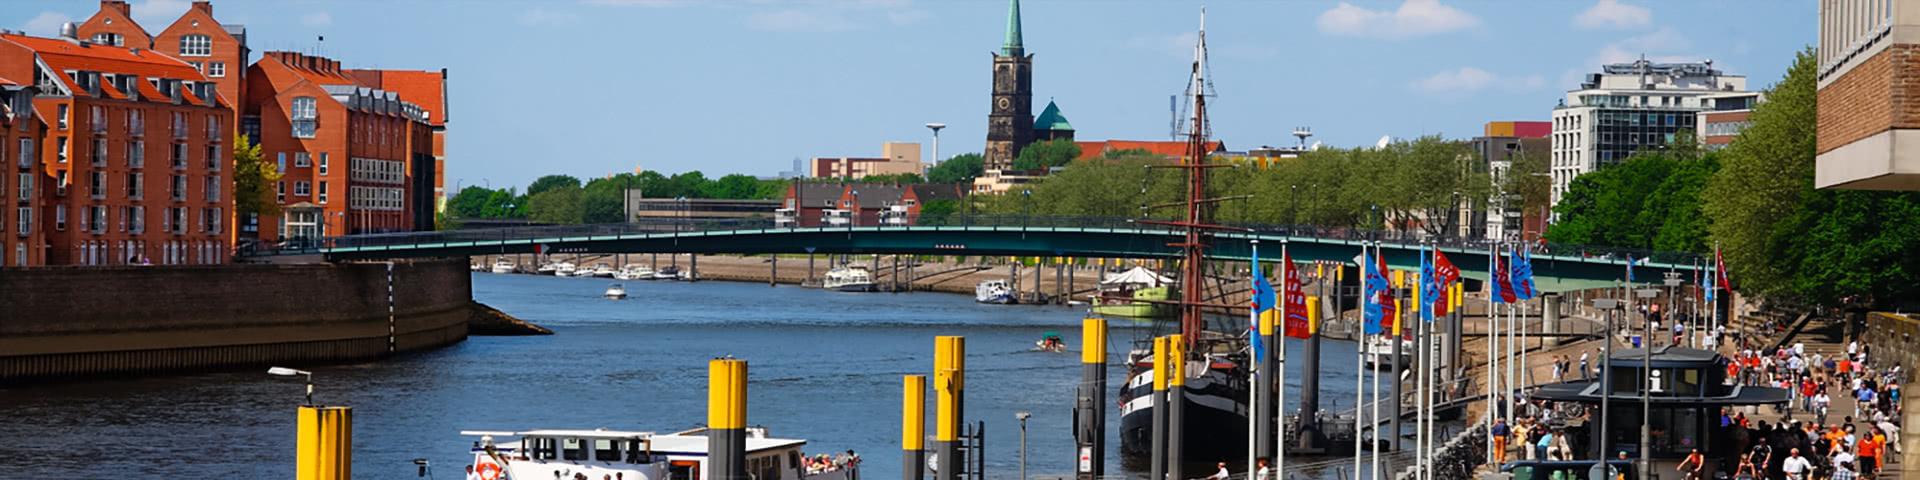 Schiffsanleger an der Weser in der Altstadt in Bremen